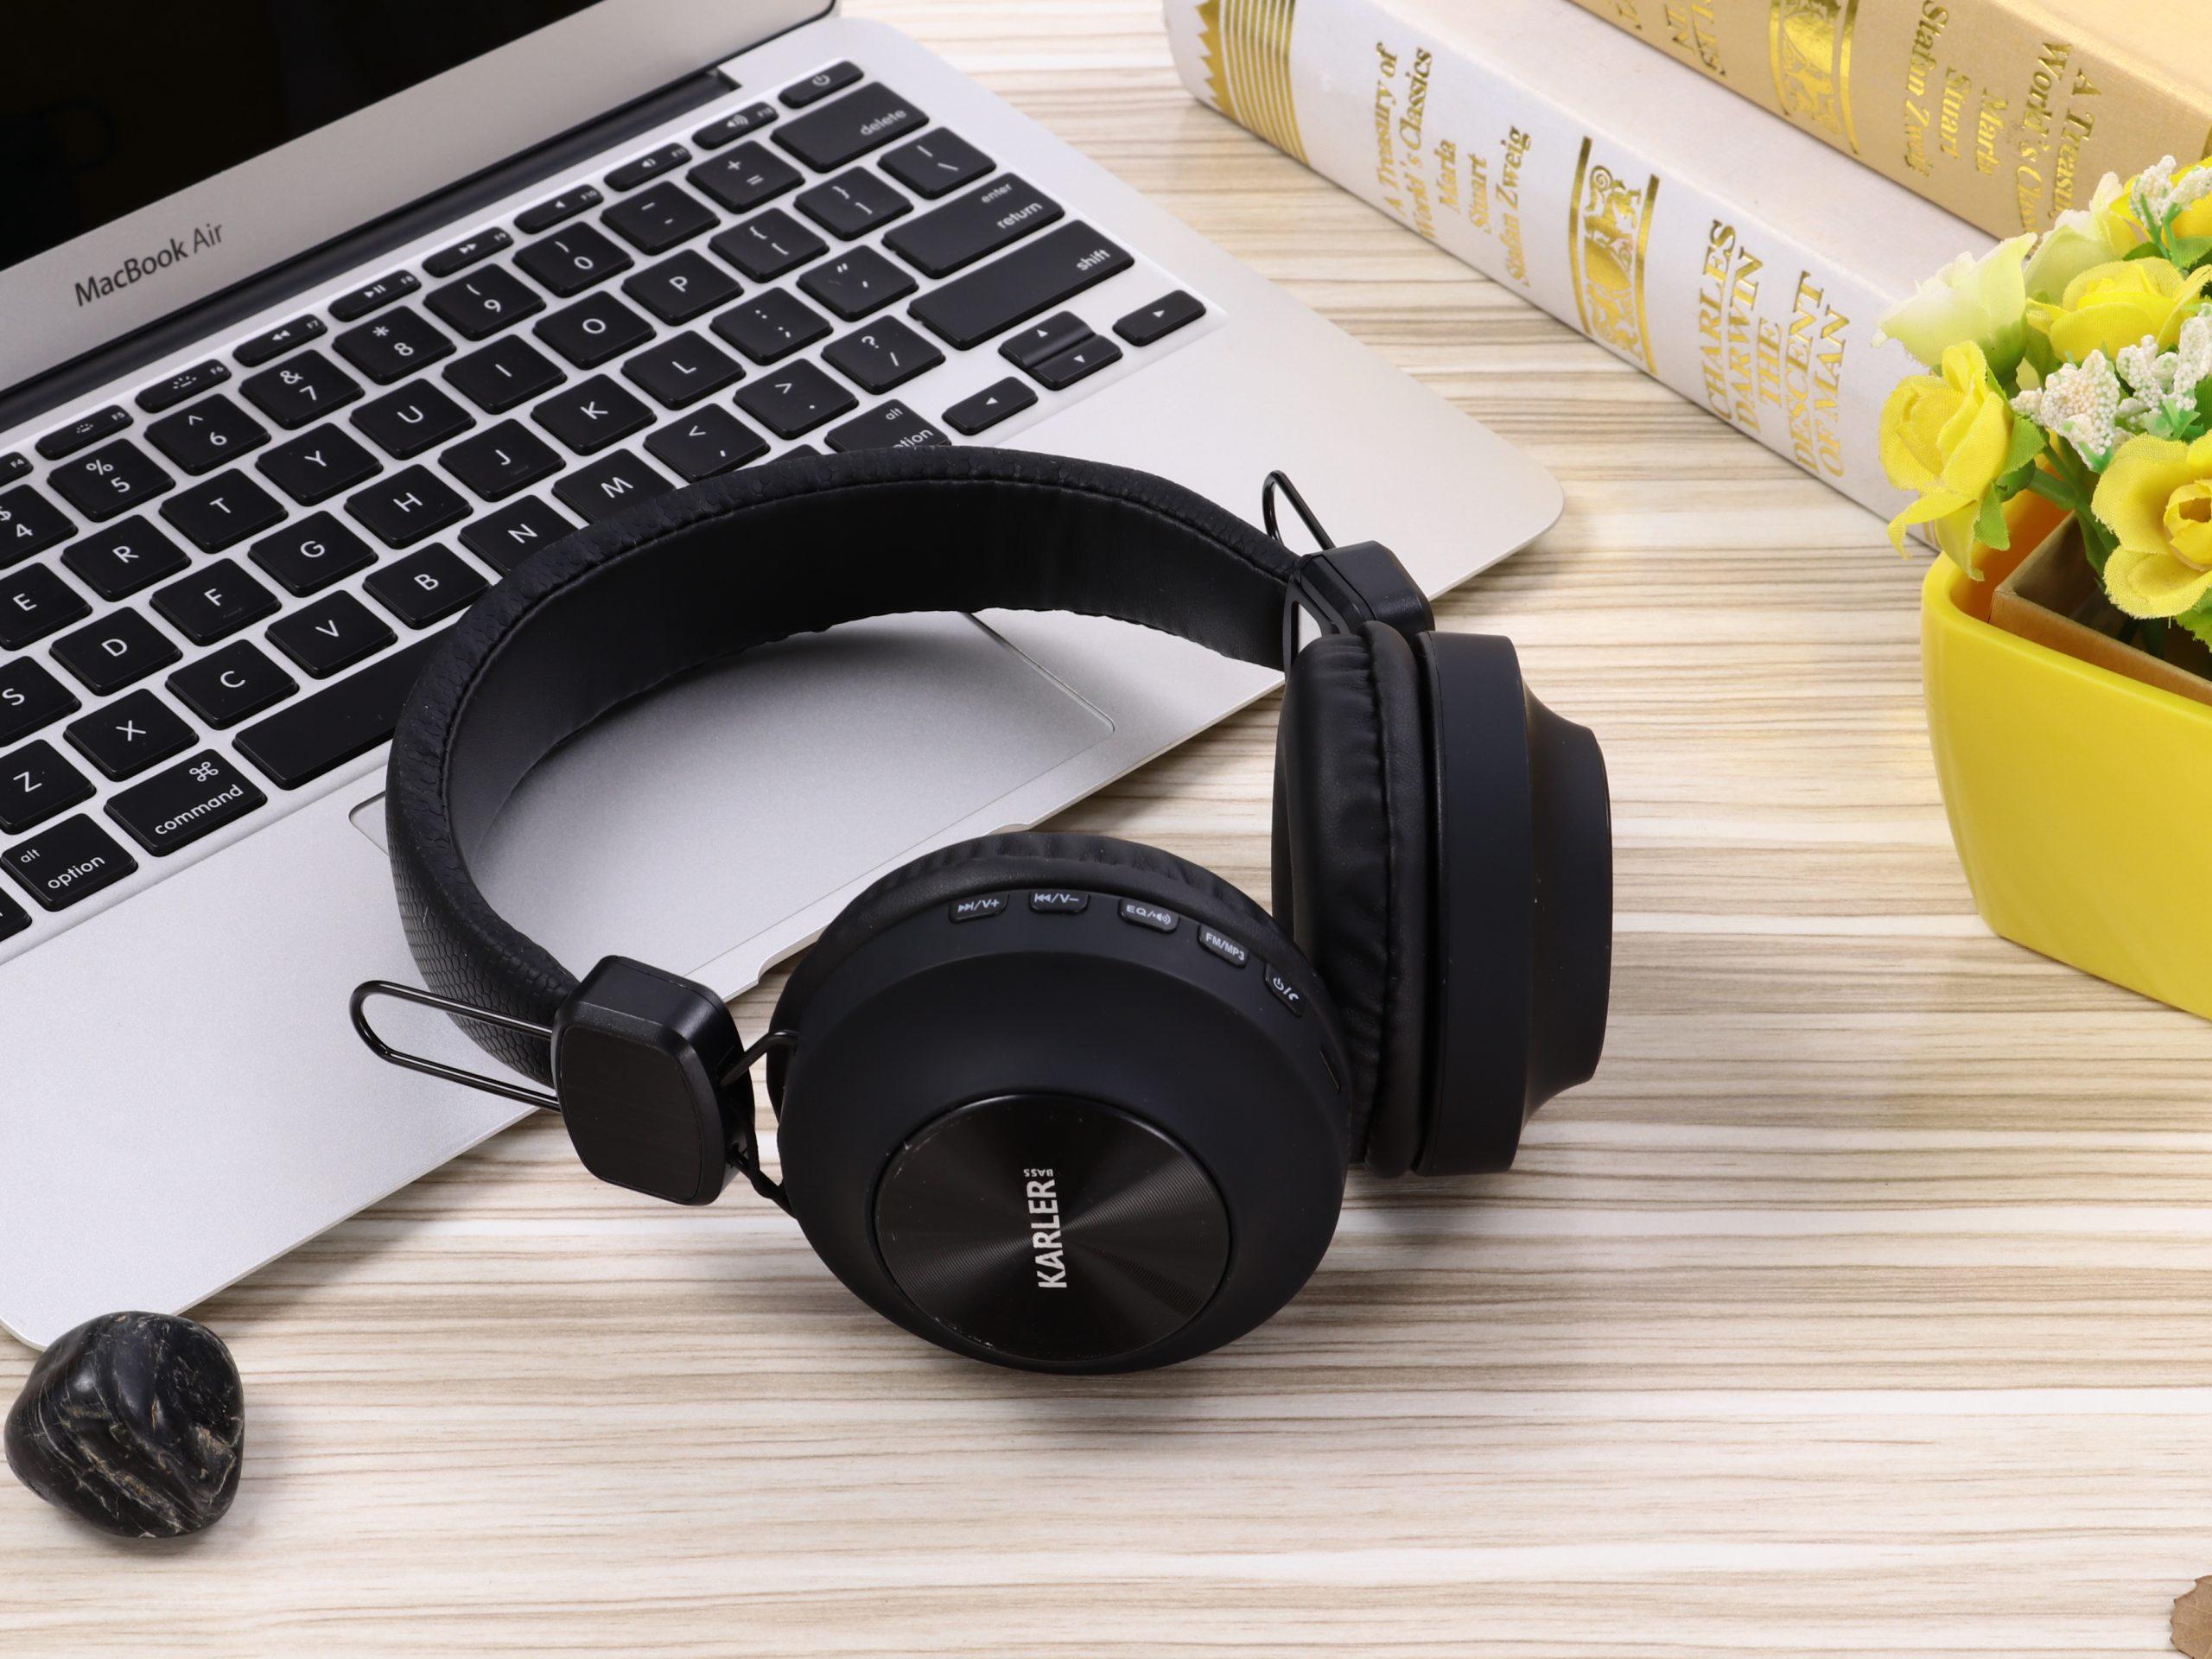 karler bass 008 ασυρματα headphones διαφημιστικό 6